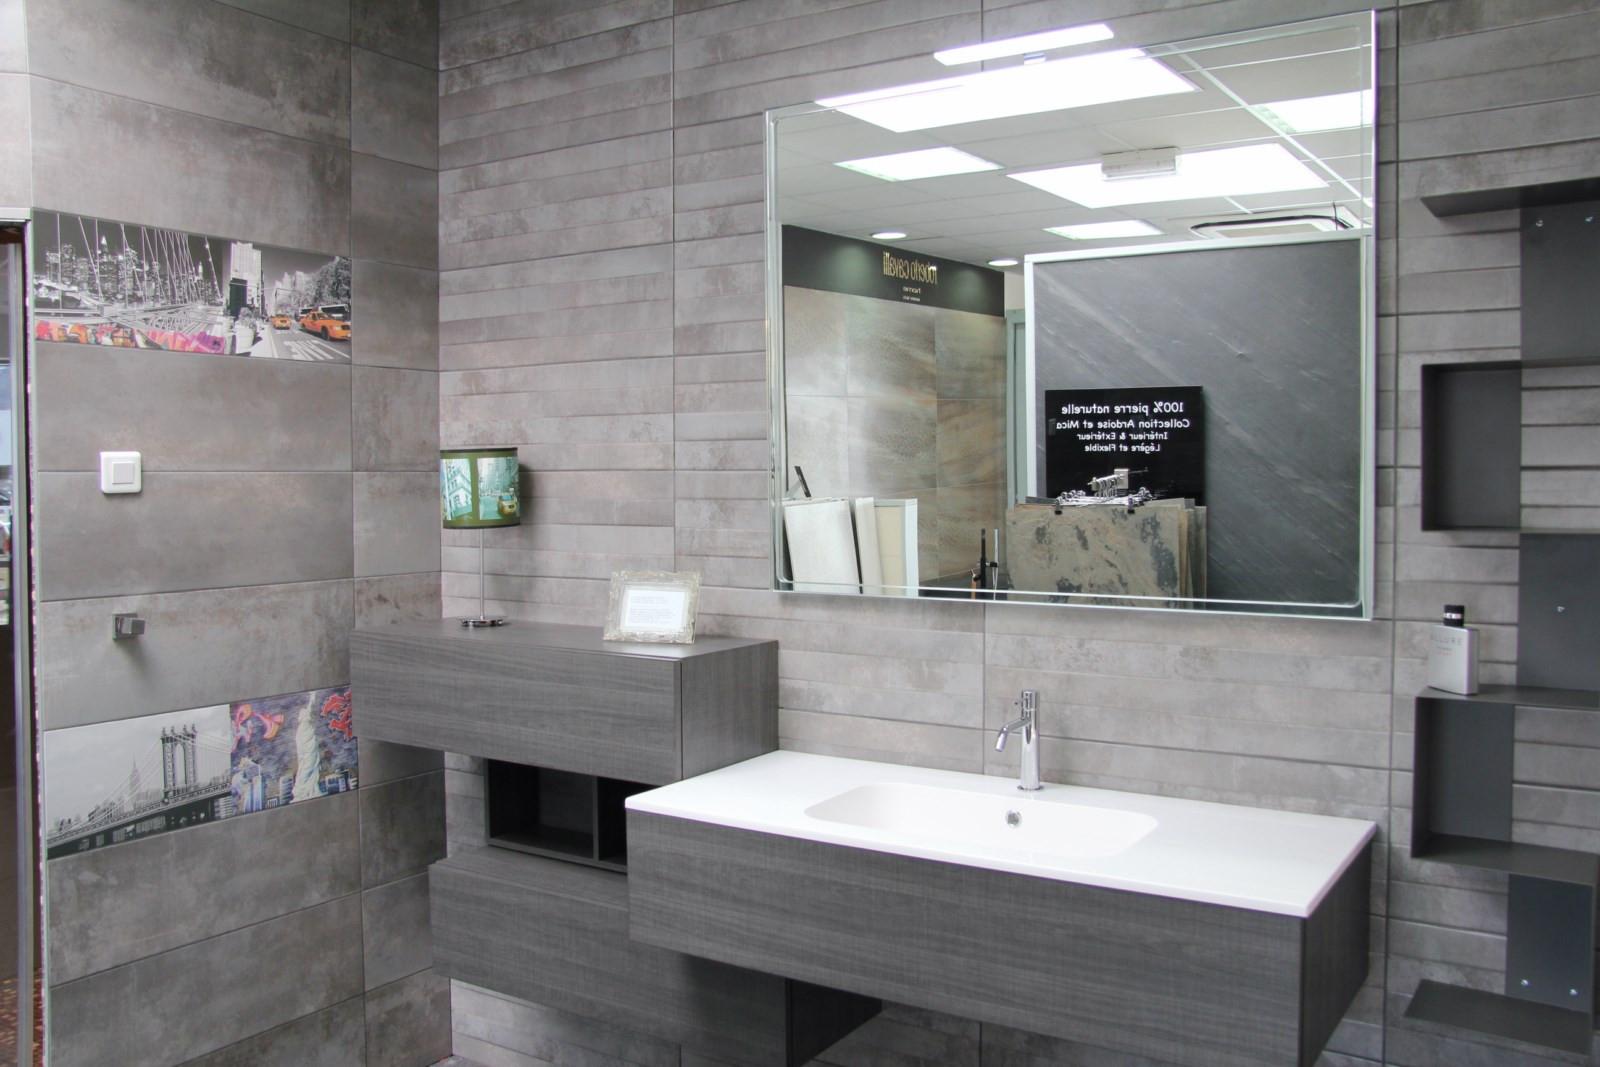 Meuble Salle De Bain Faible Profondeur Lapeyre Luxe Photographie Carrelage Salle De Bain Lapeyre Nouveau Meuble sous Vasque Lapeyre